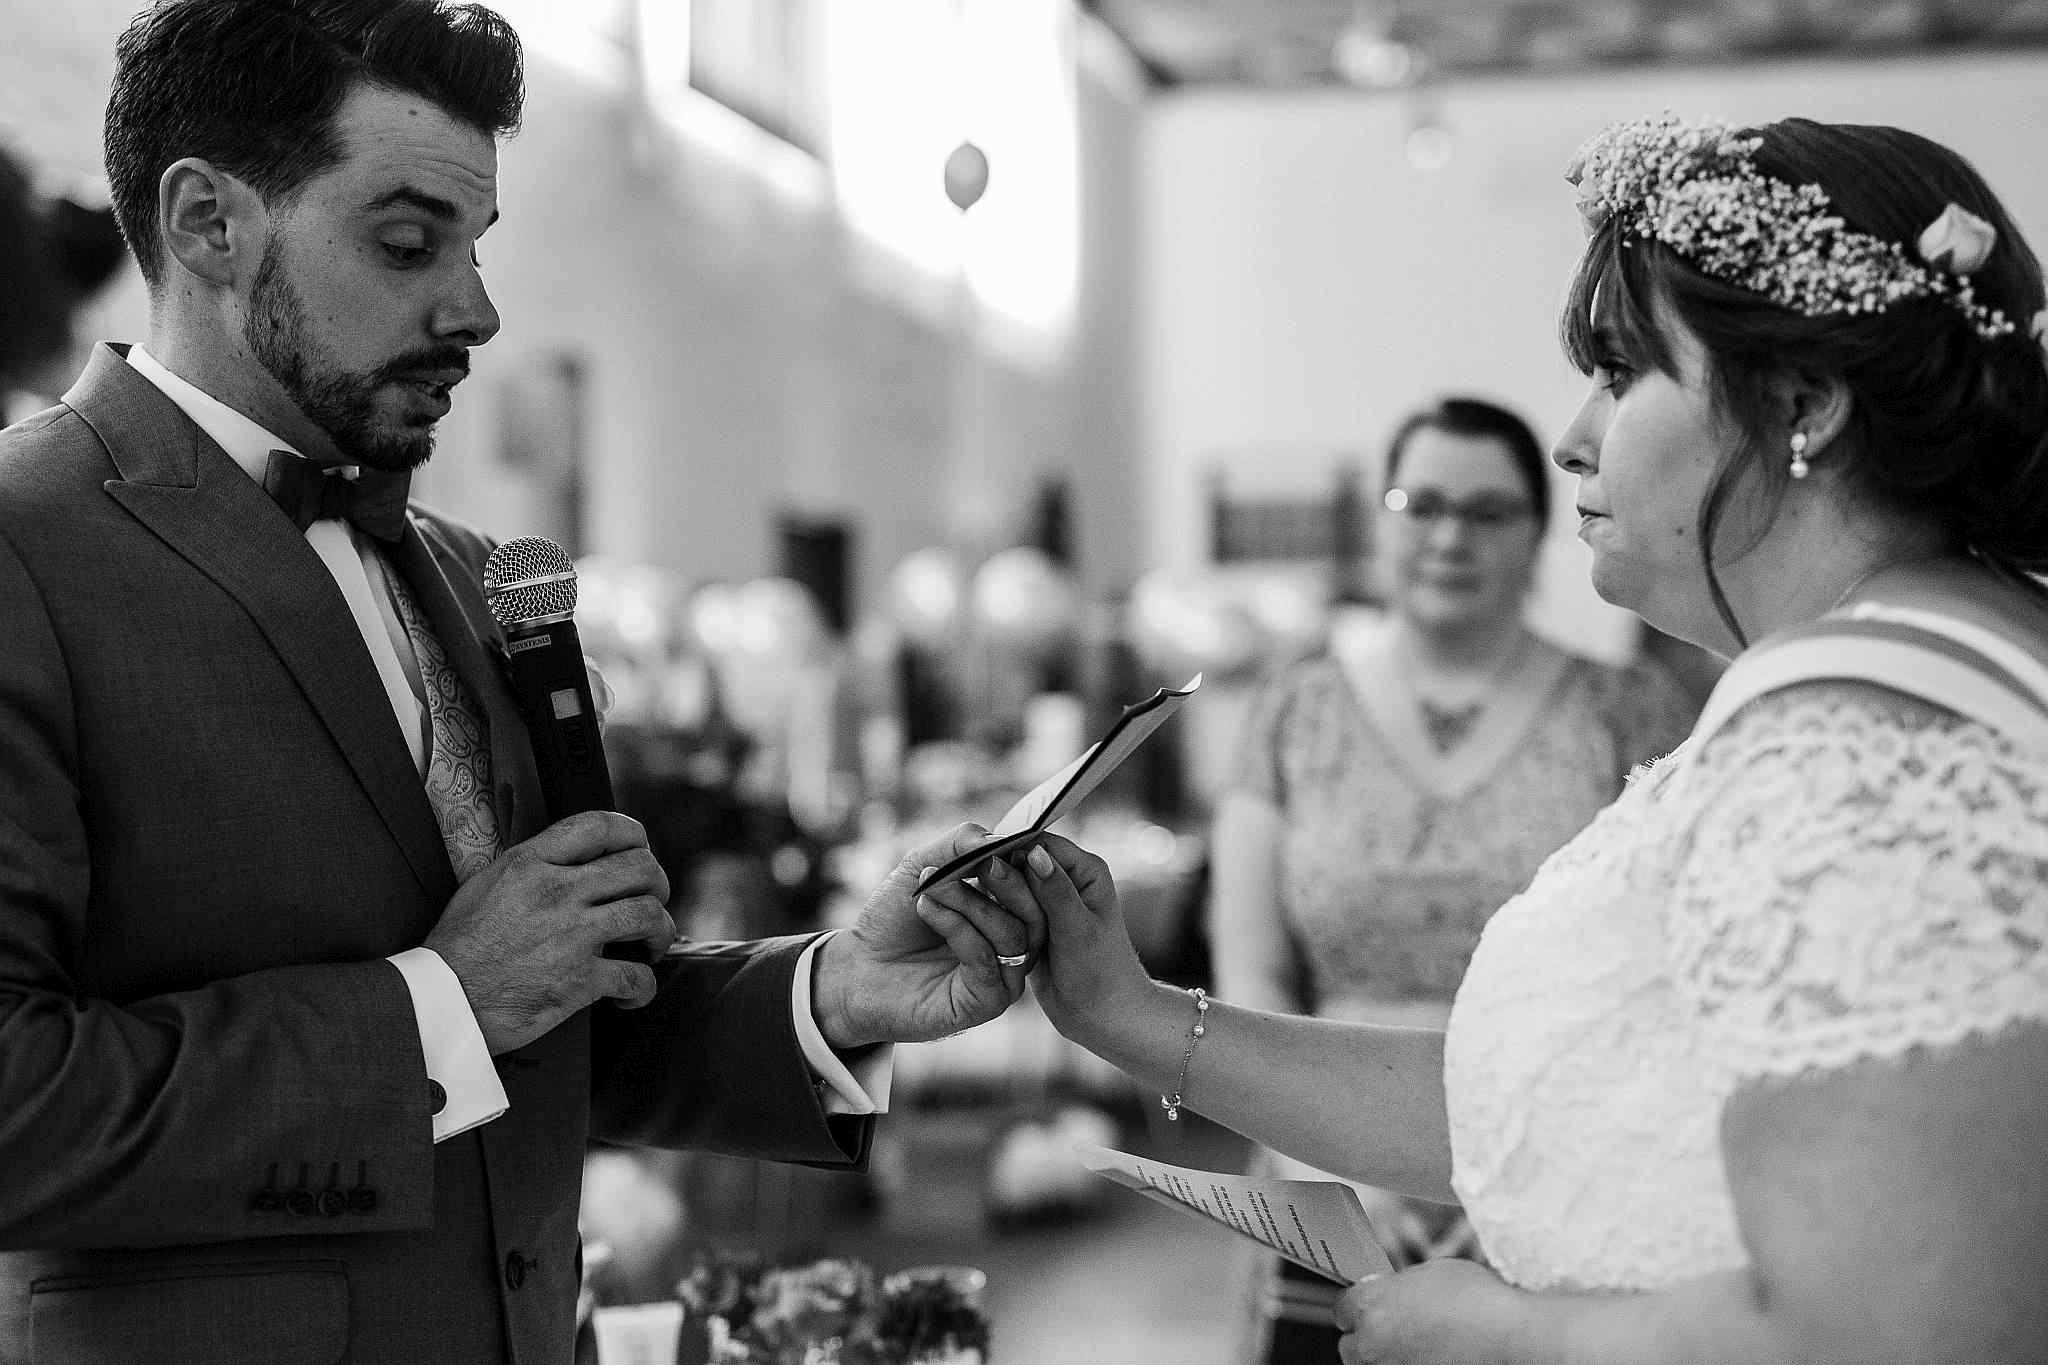 Das Ehegelübde während der Zeremonie